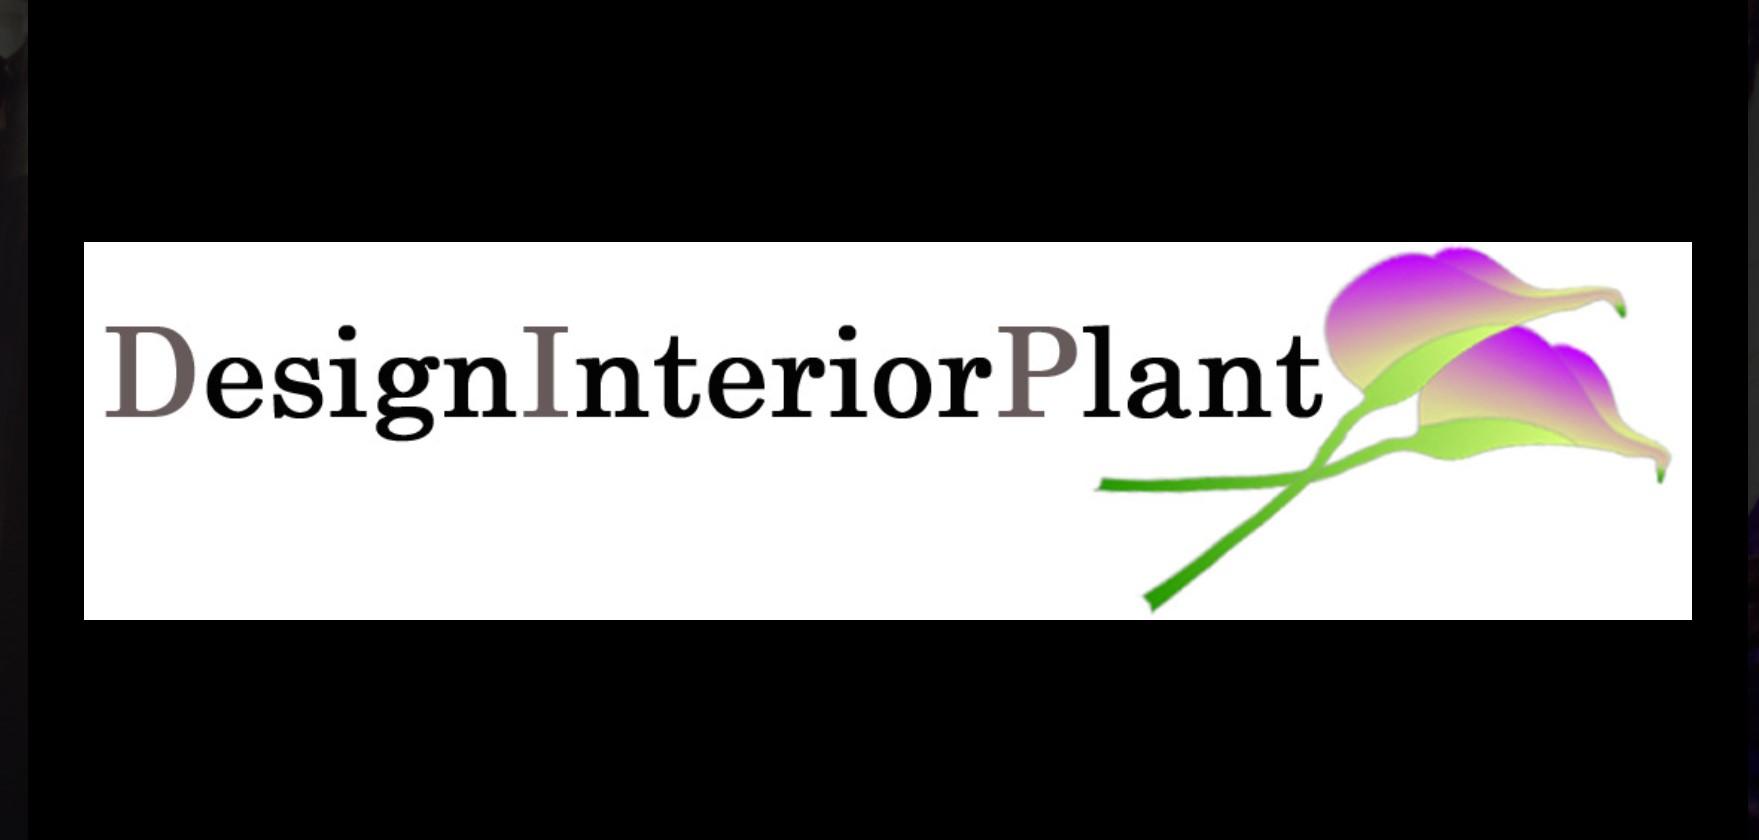 Design Interior Plant